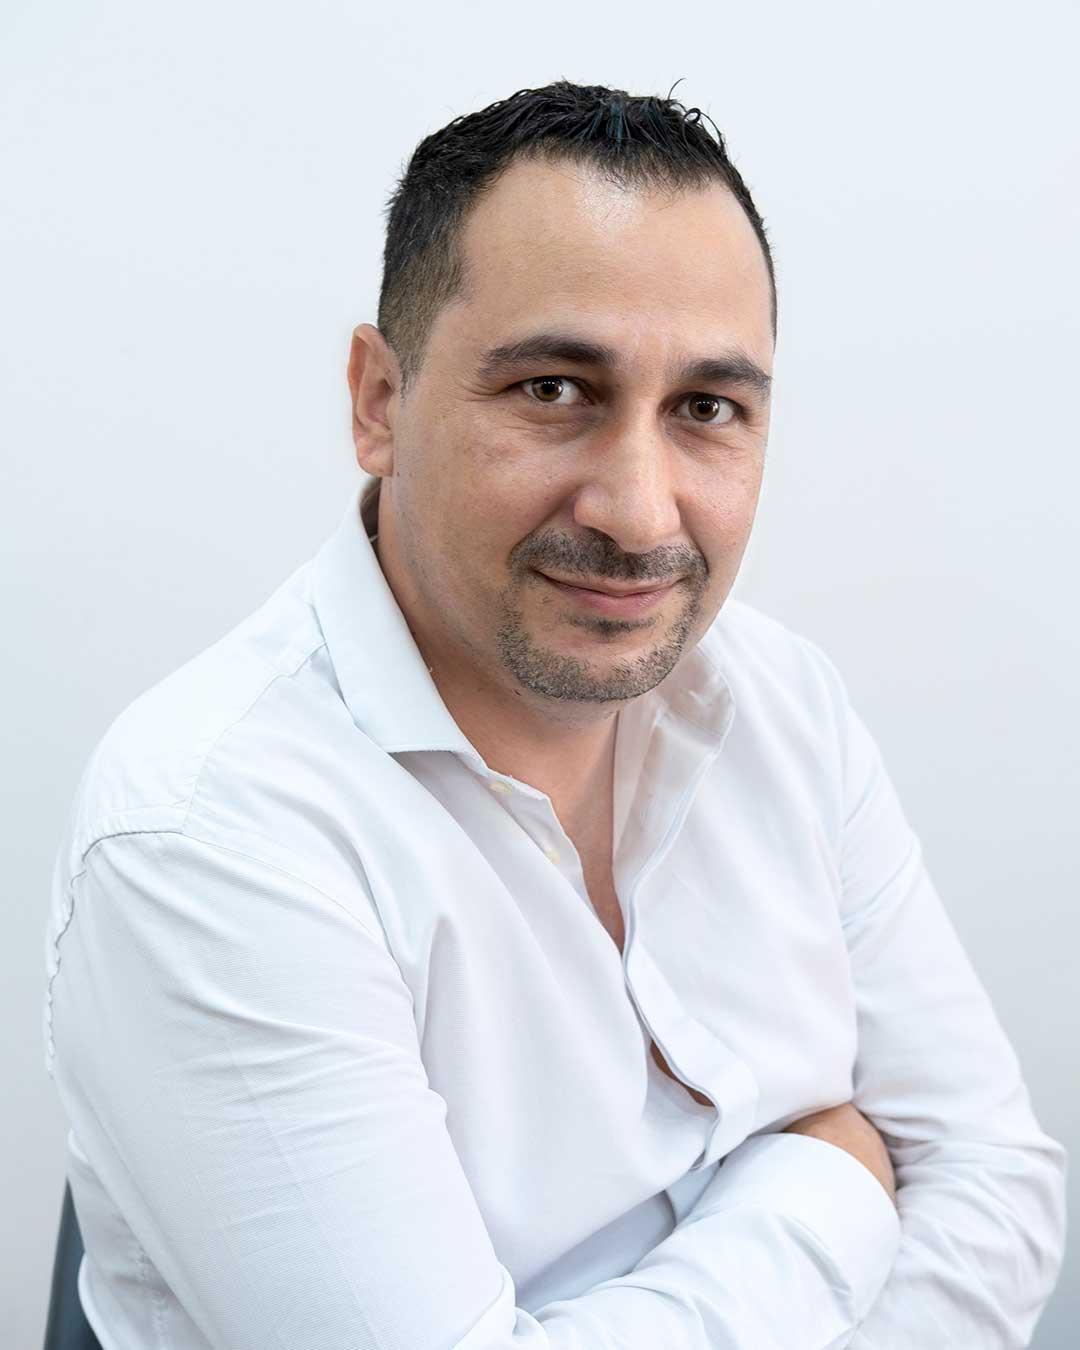 Dr. Omar Aldaoudi